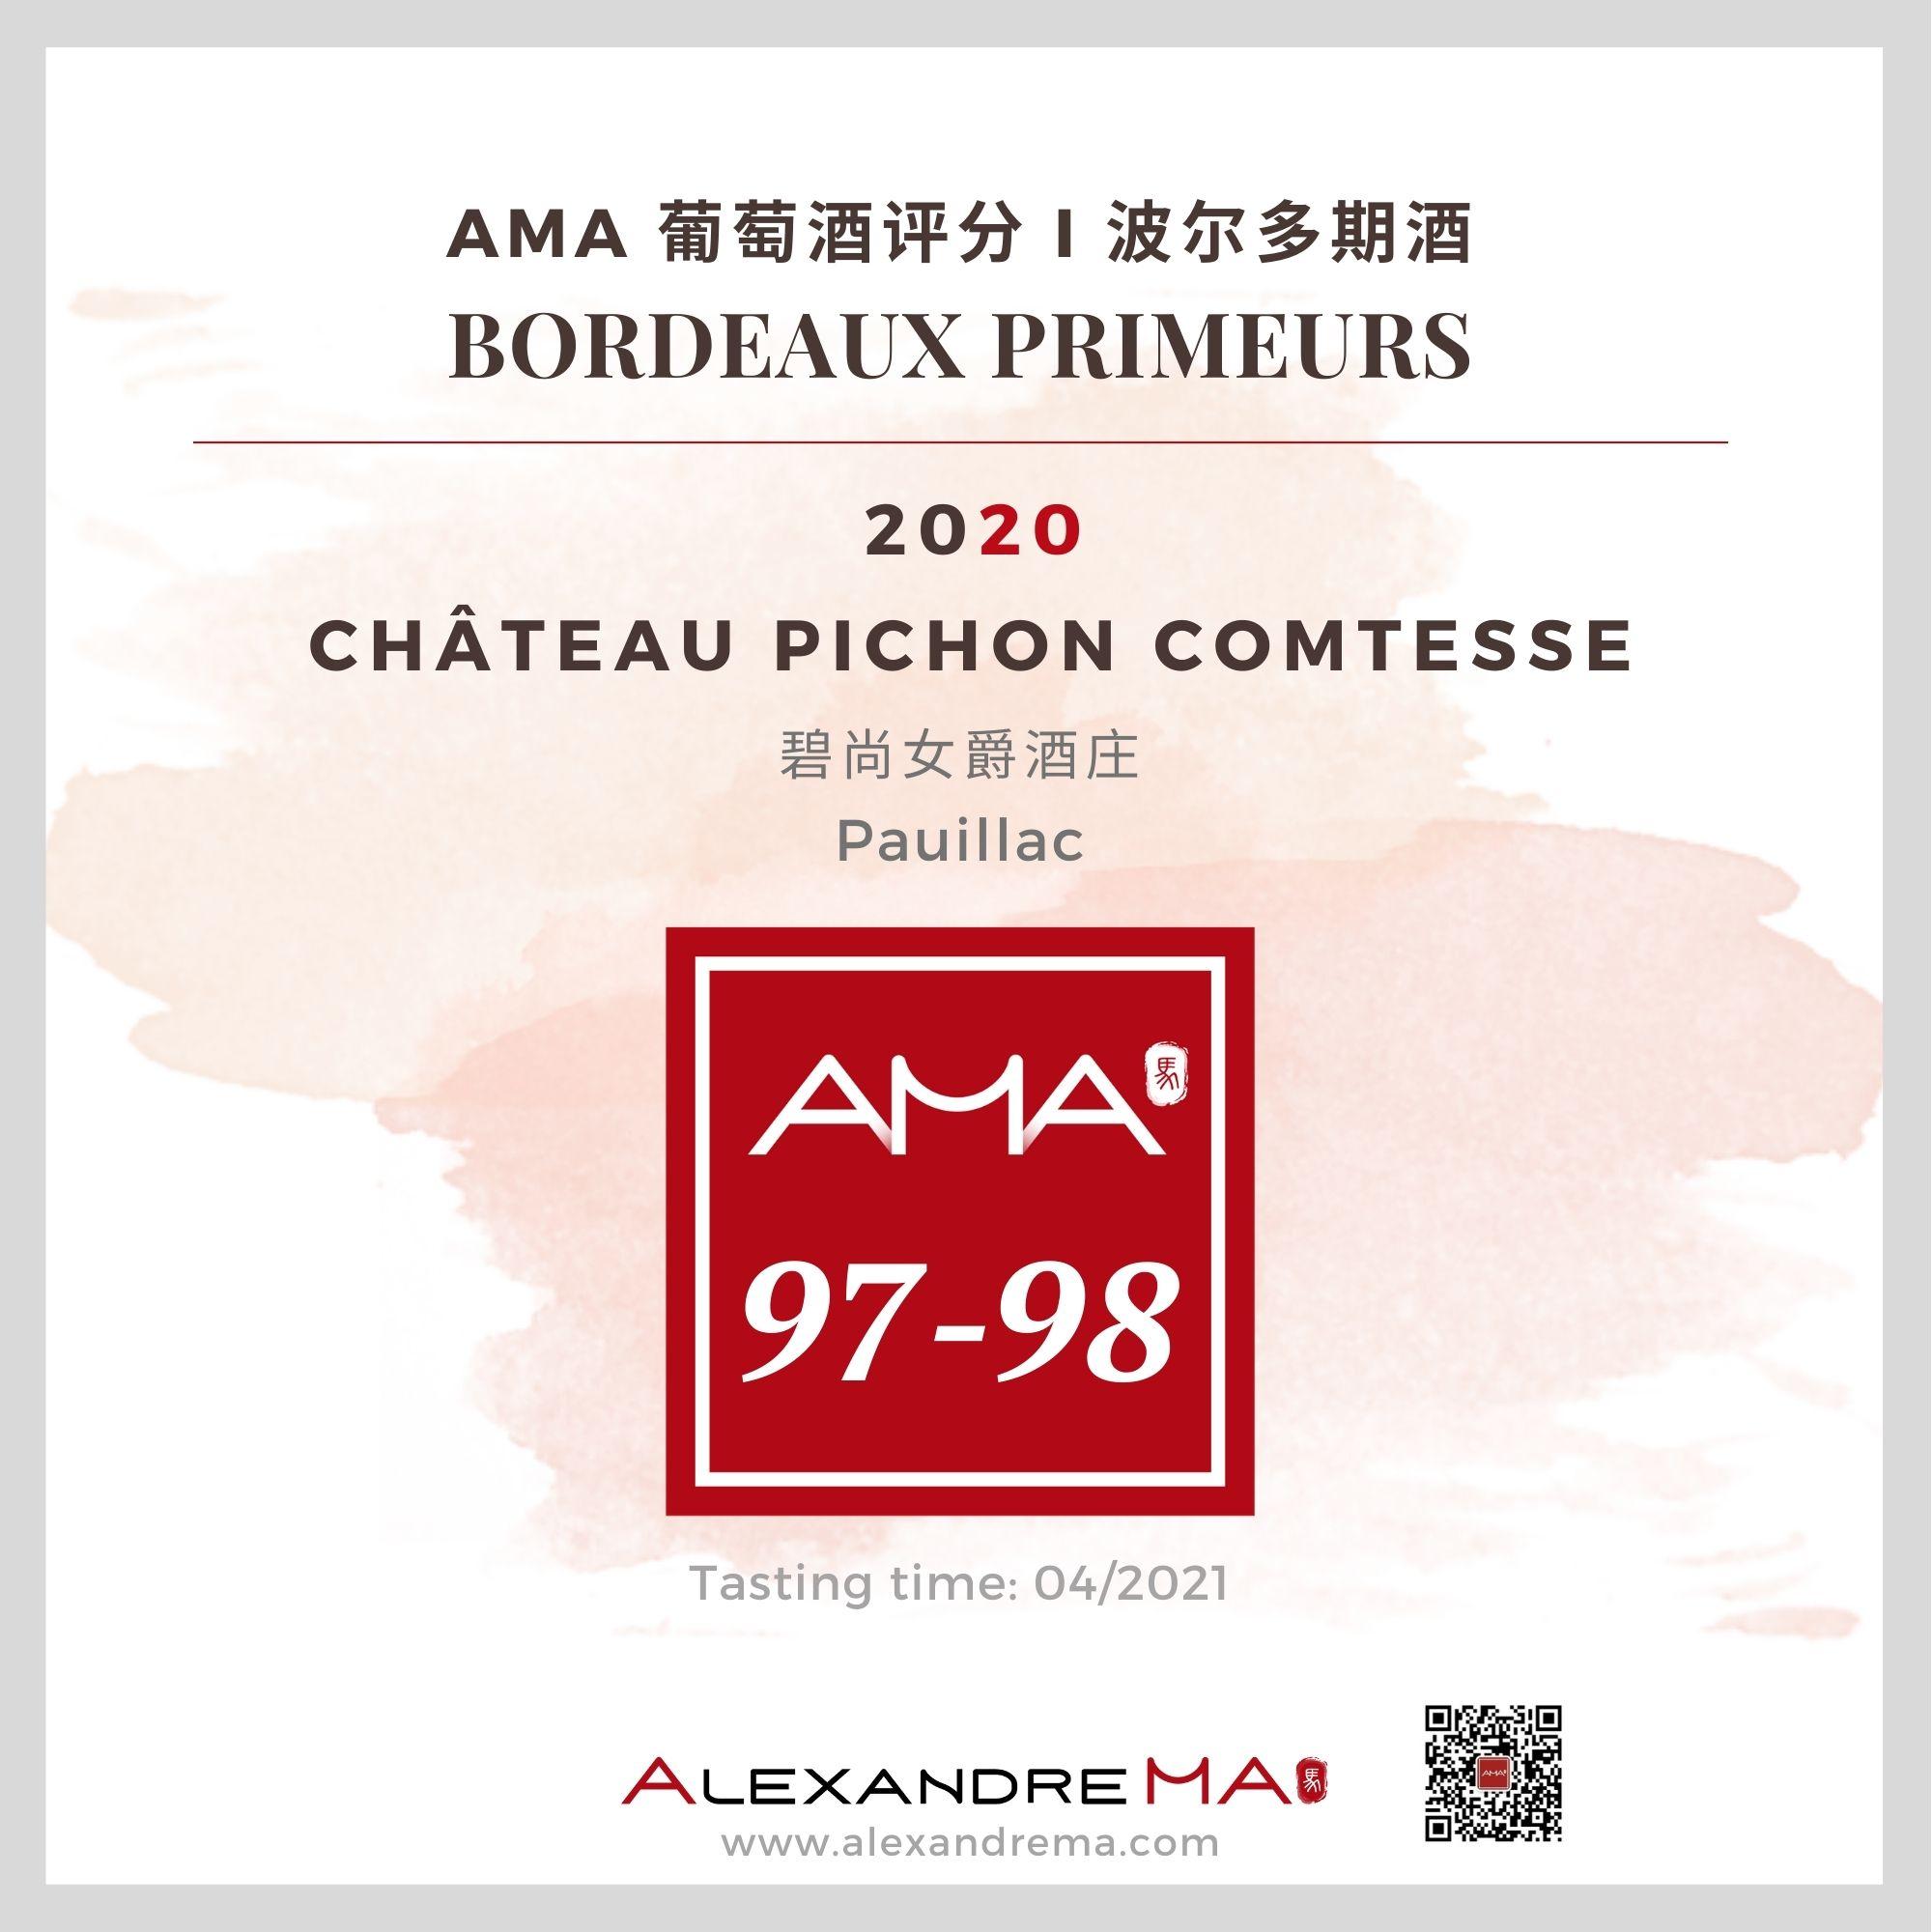 Château Pichon Comtesse 2020 碧尚女爵酒庄 - Alexandre Ma